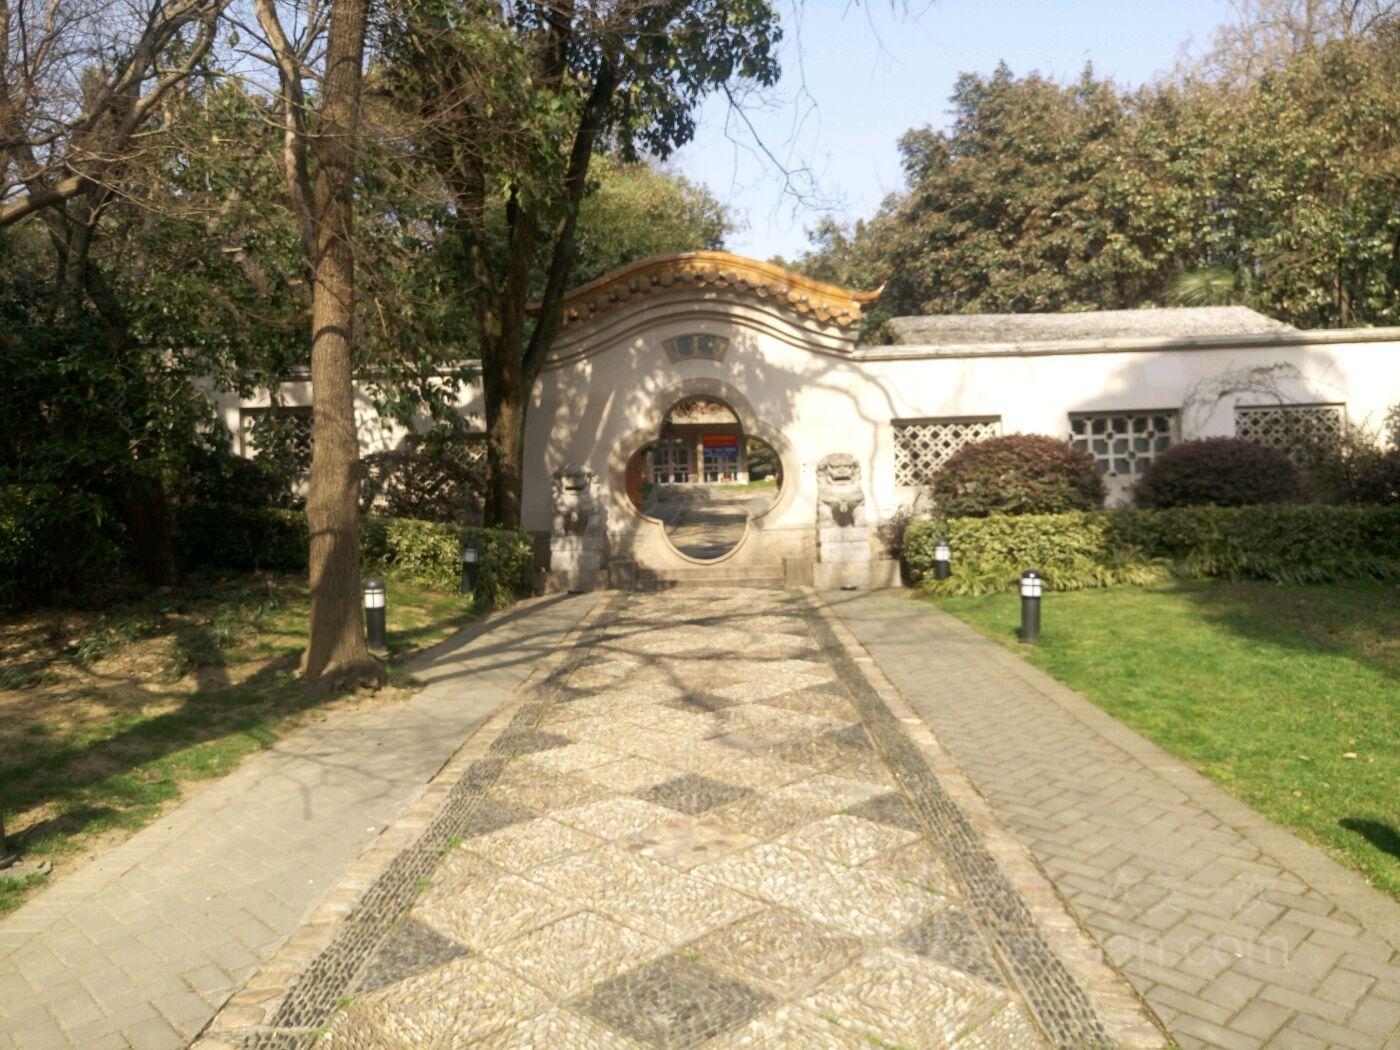 南京雨花台深藏一座千年古刹高座寺 处于松柏环抱的秀丽山岗上